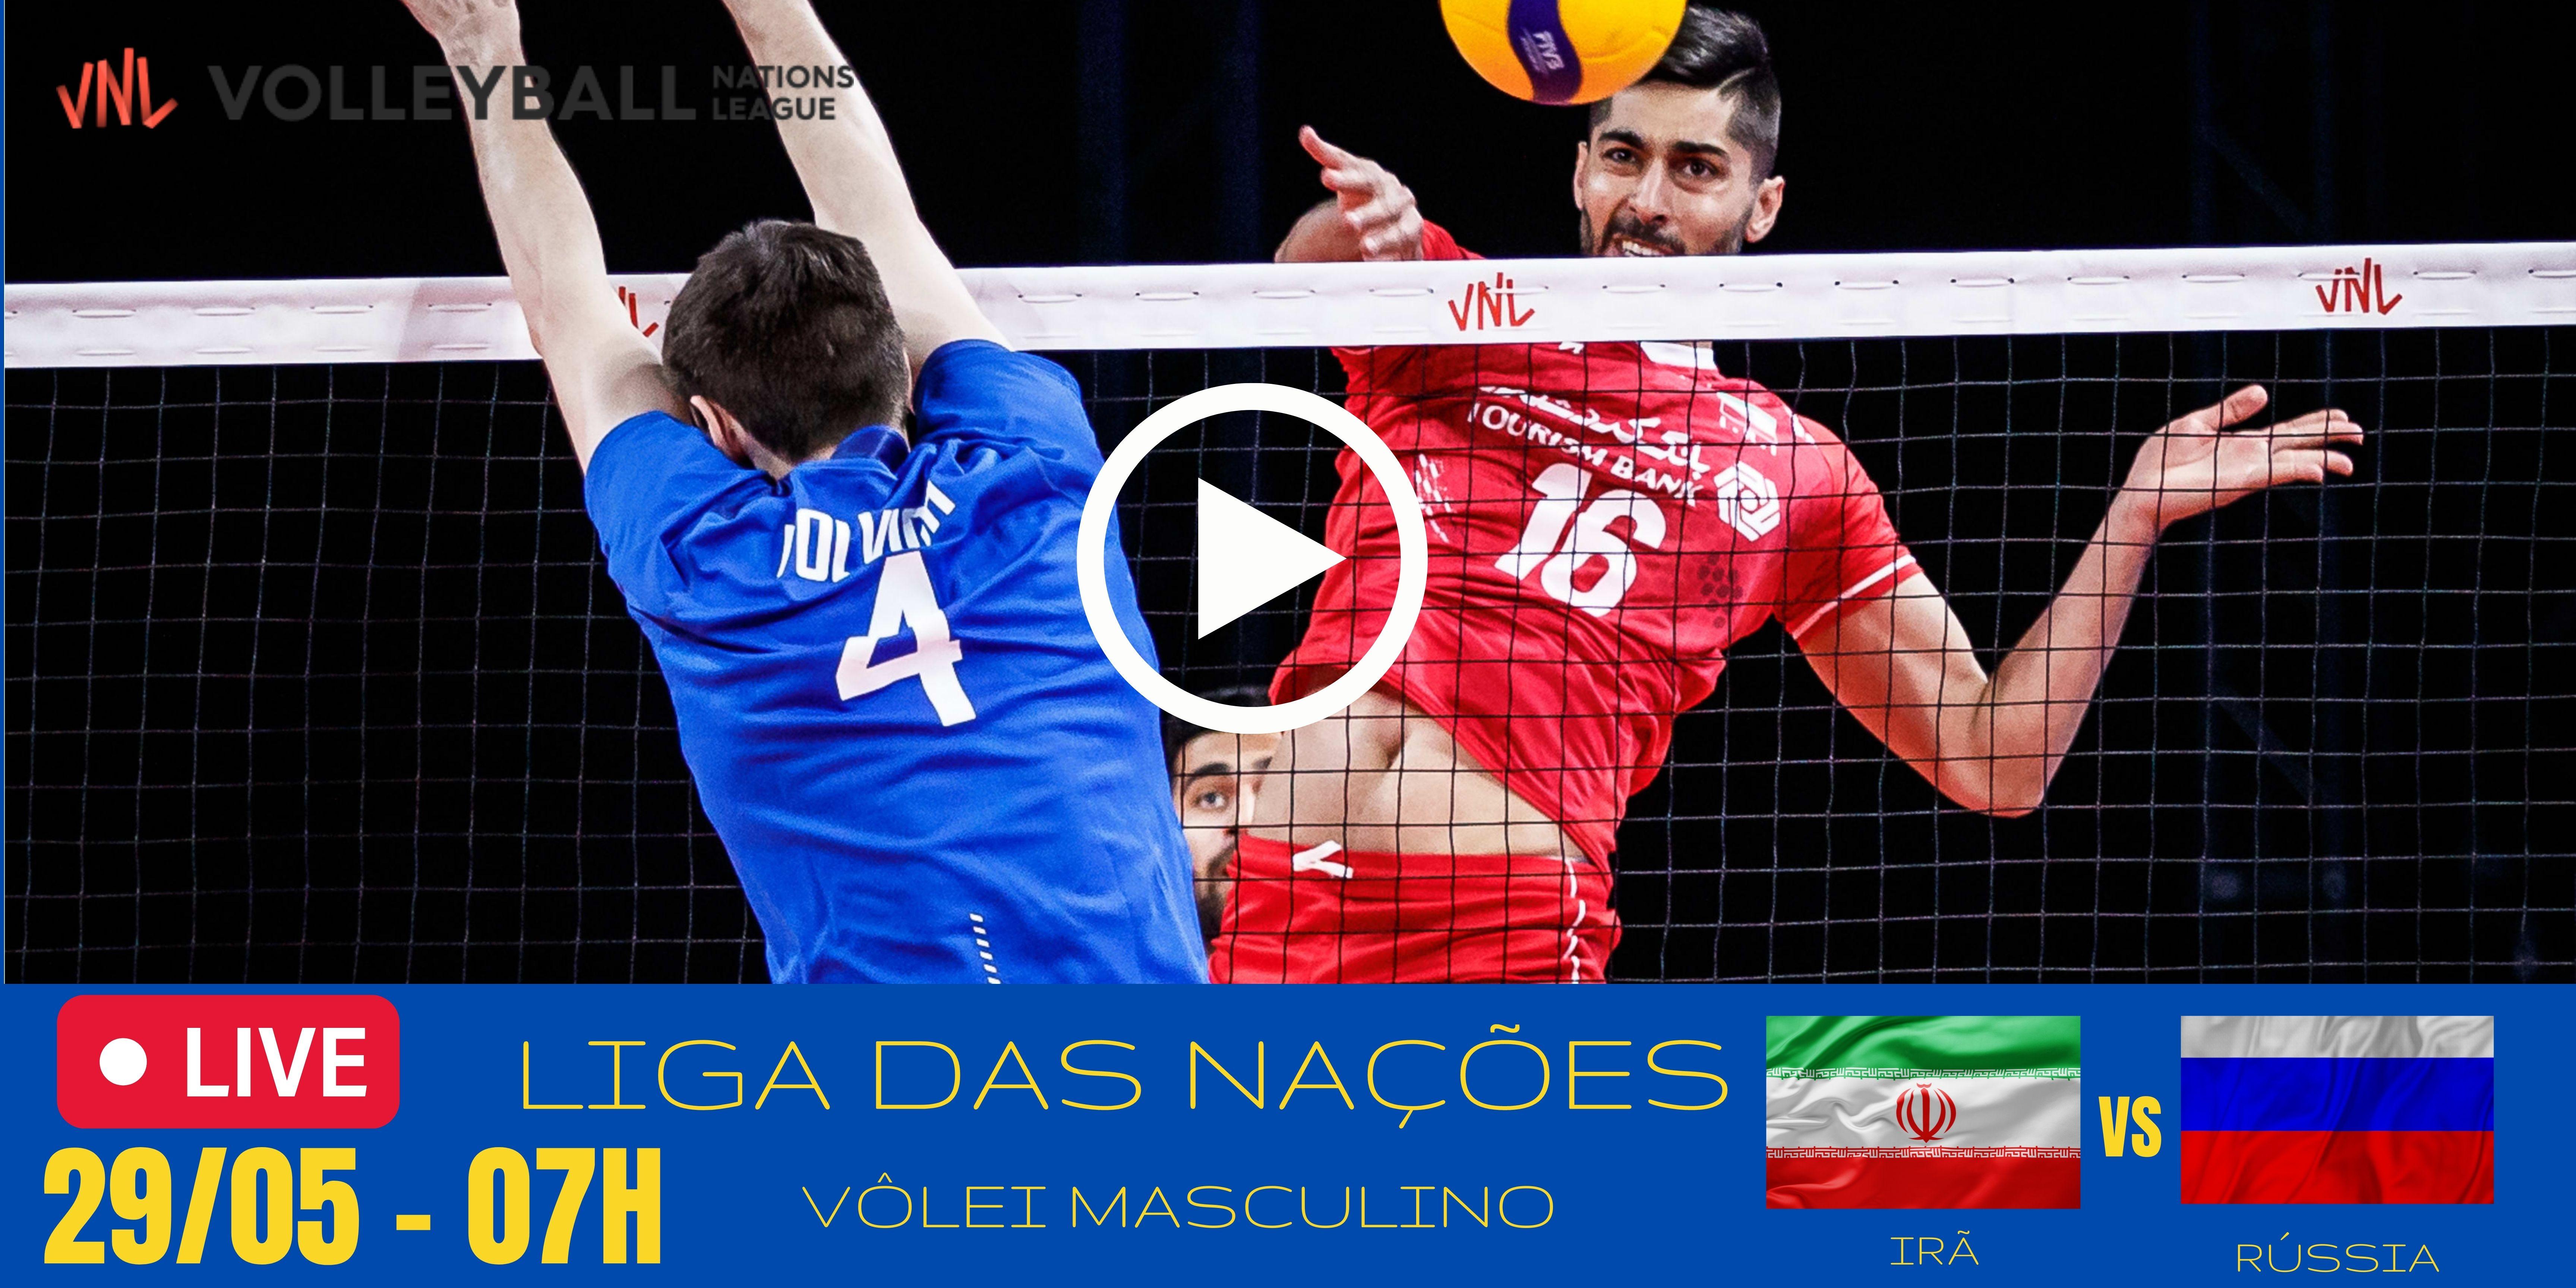 Irã vs Rússia – Liga das Nações – 29/05/2021